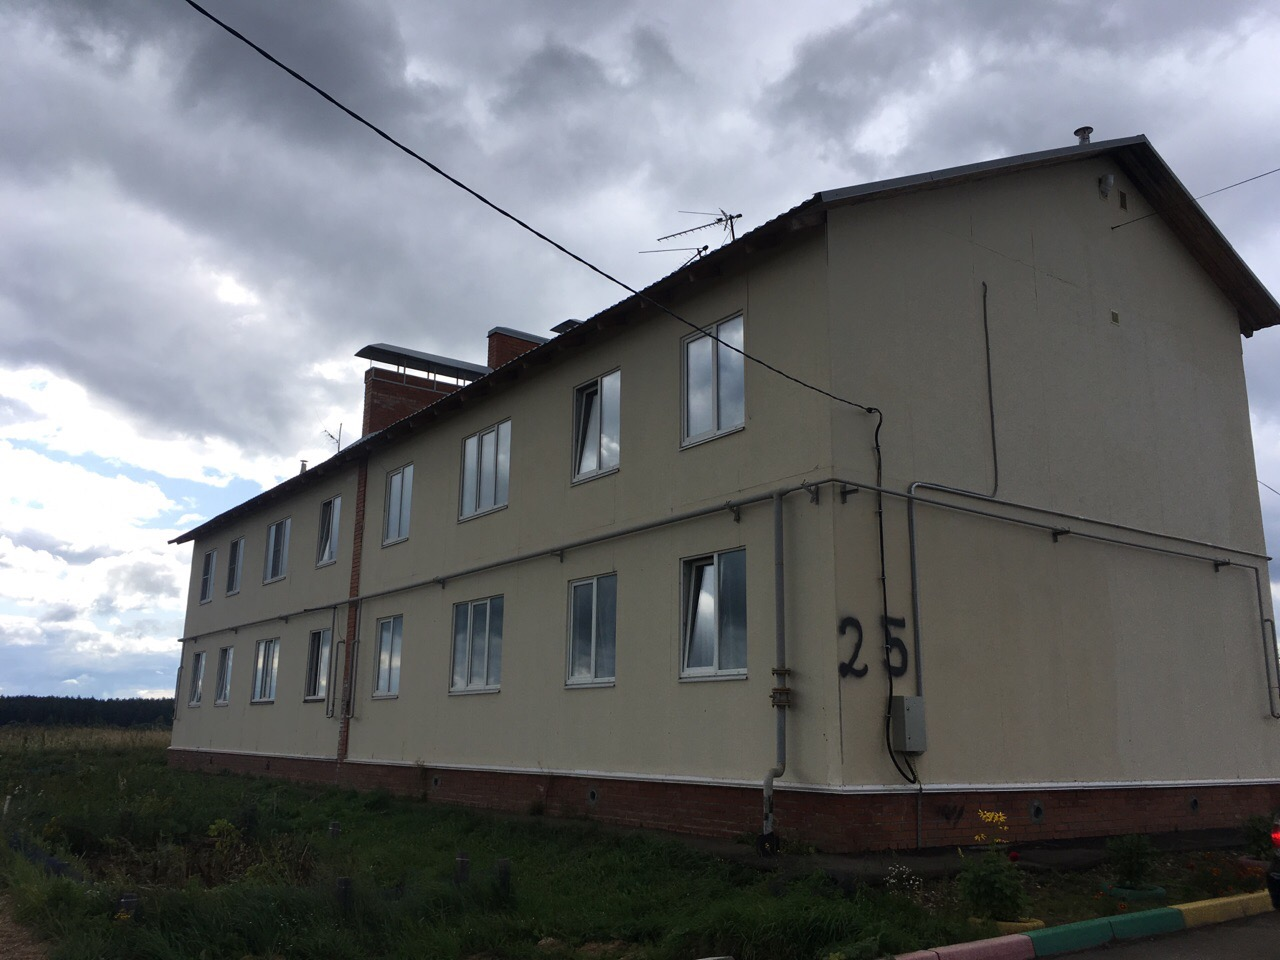 Дети-сироты из Борисоглебского района могут получить квартиры в других домах